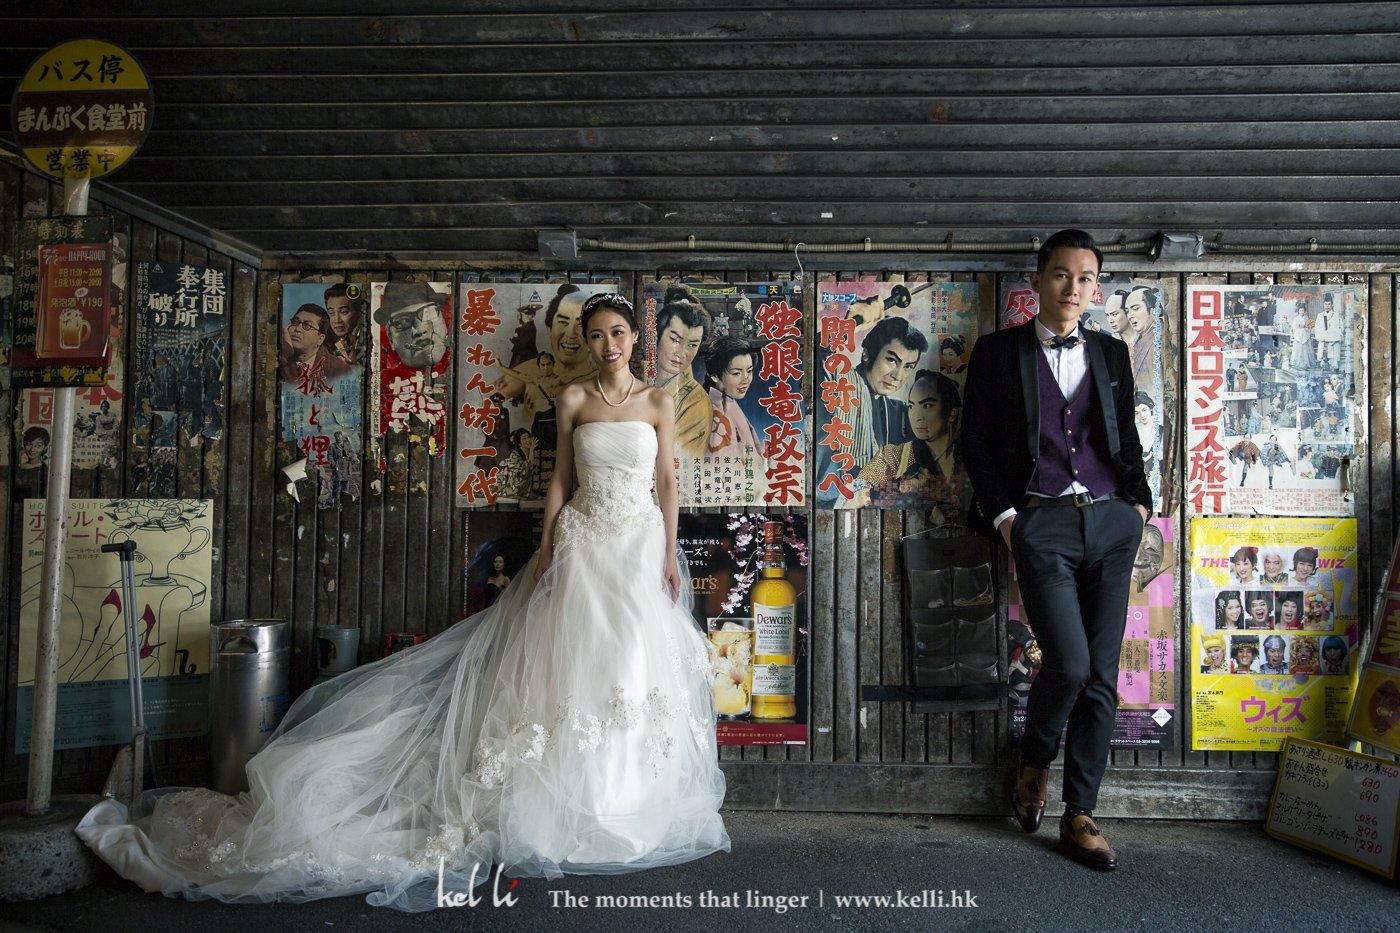 貼滿舊電影海報的牆,在東京這些大城市係比較難找到,當然也很適合用作Prewedding的背景